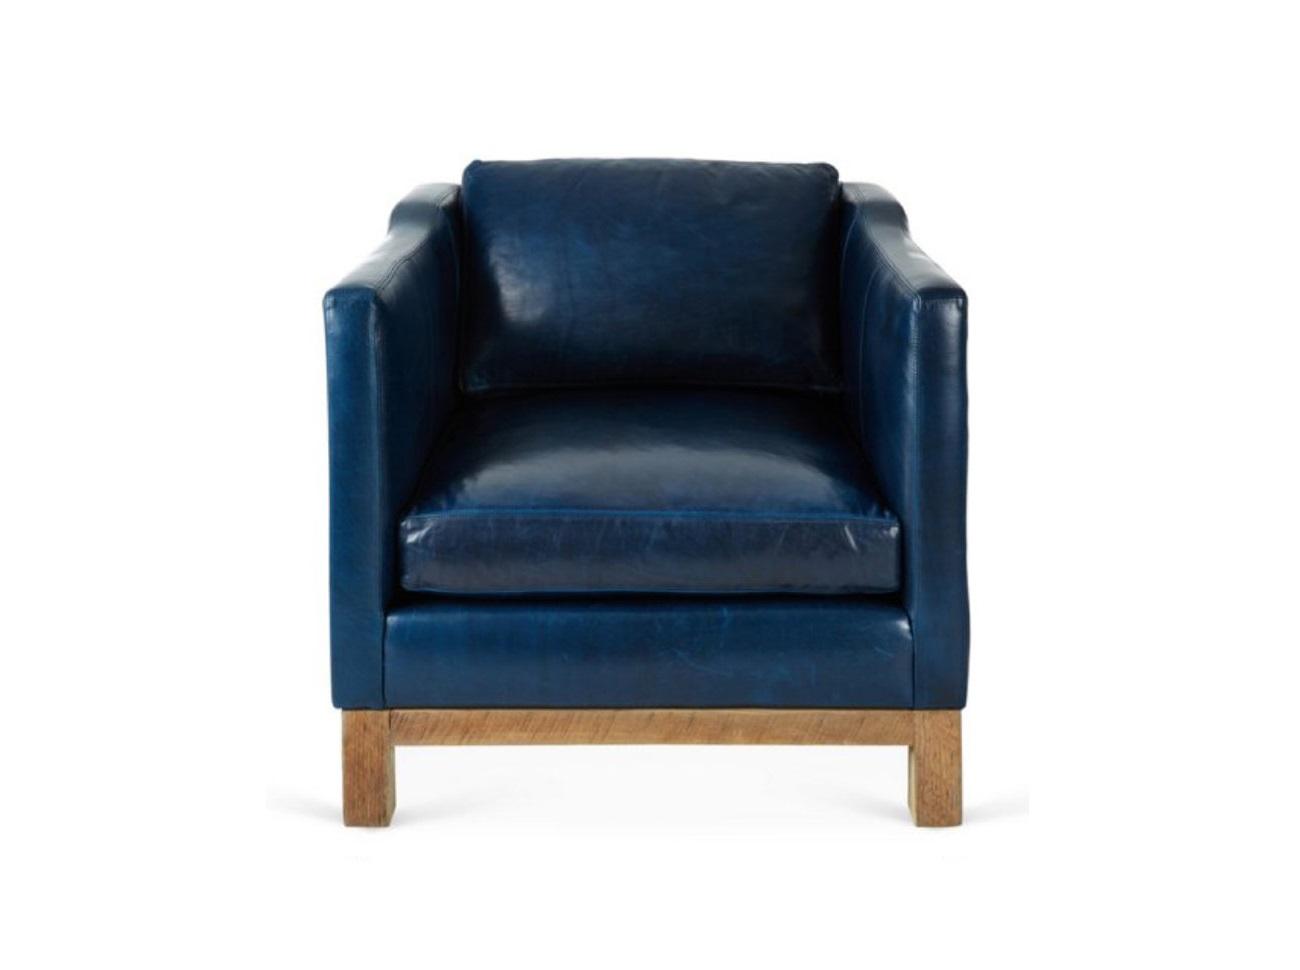 Кресло ToyКожаные кресла<br>Модель представлена в итальянской коже высочайшего качества.&amp;nbsp;Для этого кресла мы также можем подобрать кожу на Ваш вкус из других коллекций.&amp;nbsp;Каркас и ножки кресла выполнены из дуба.<br><br>kit: None<br>gender: None